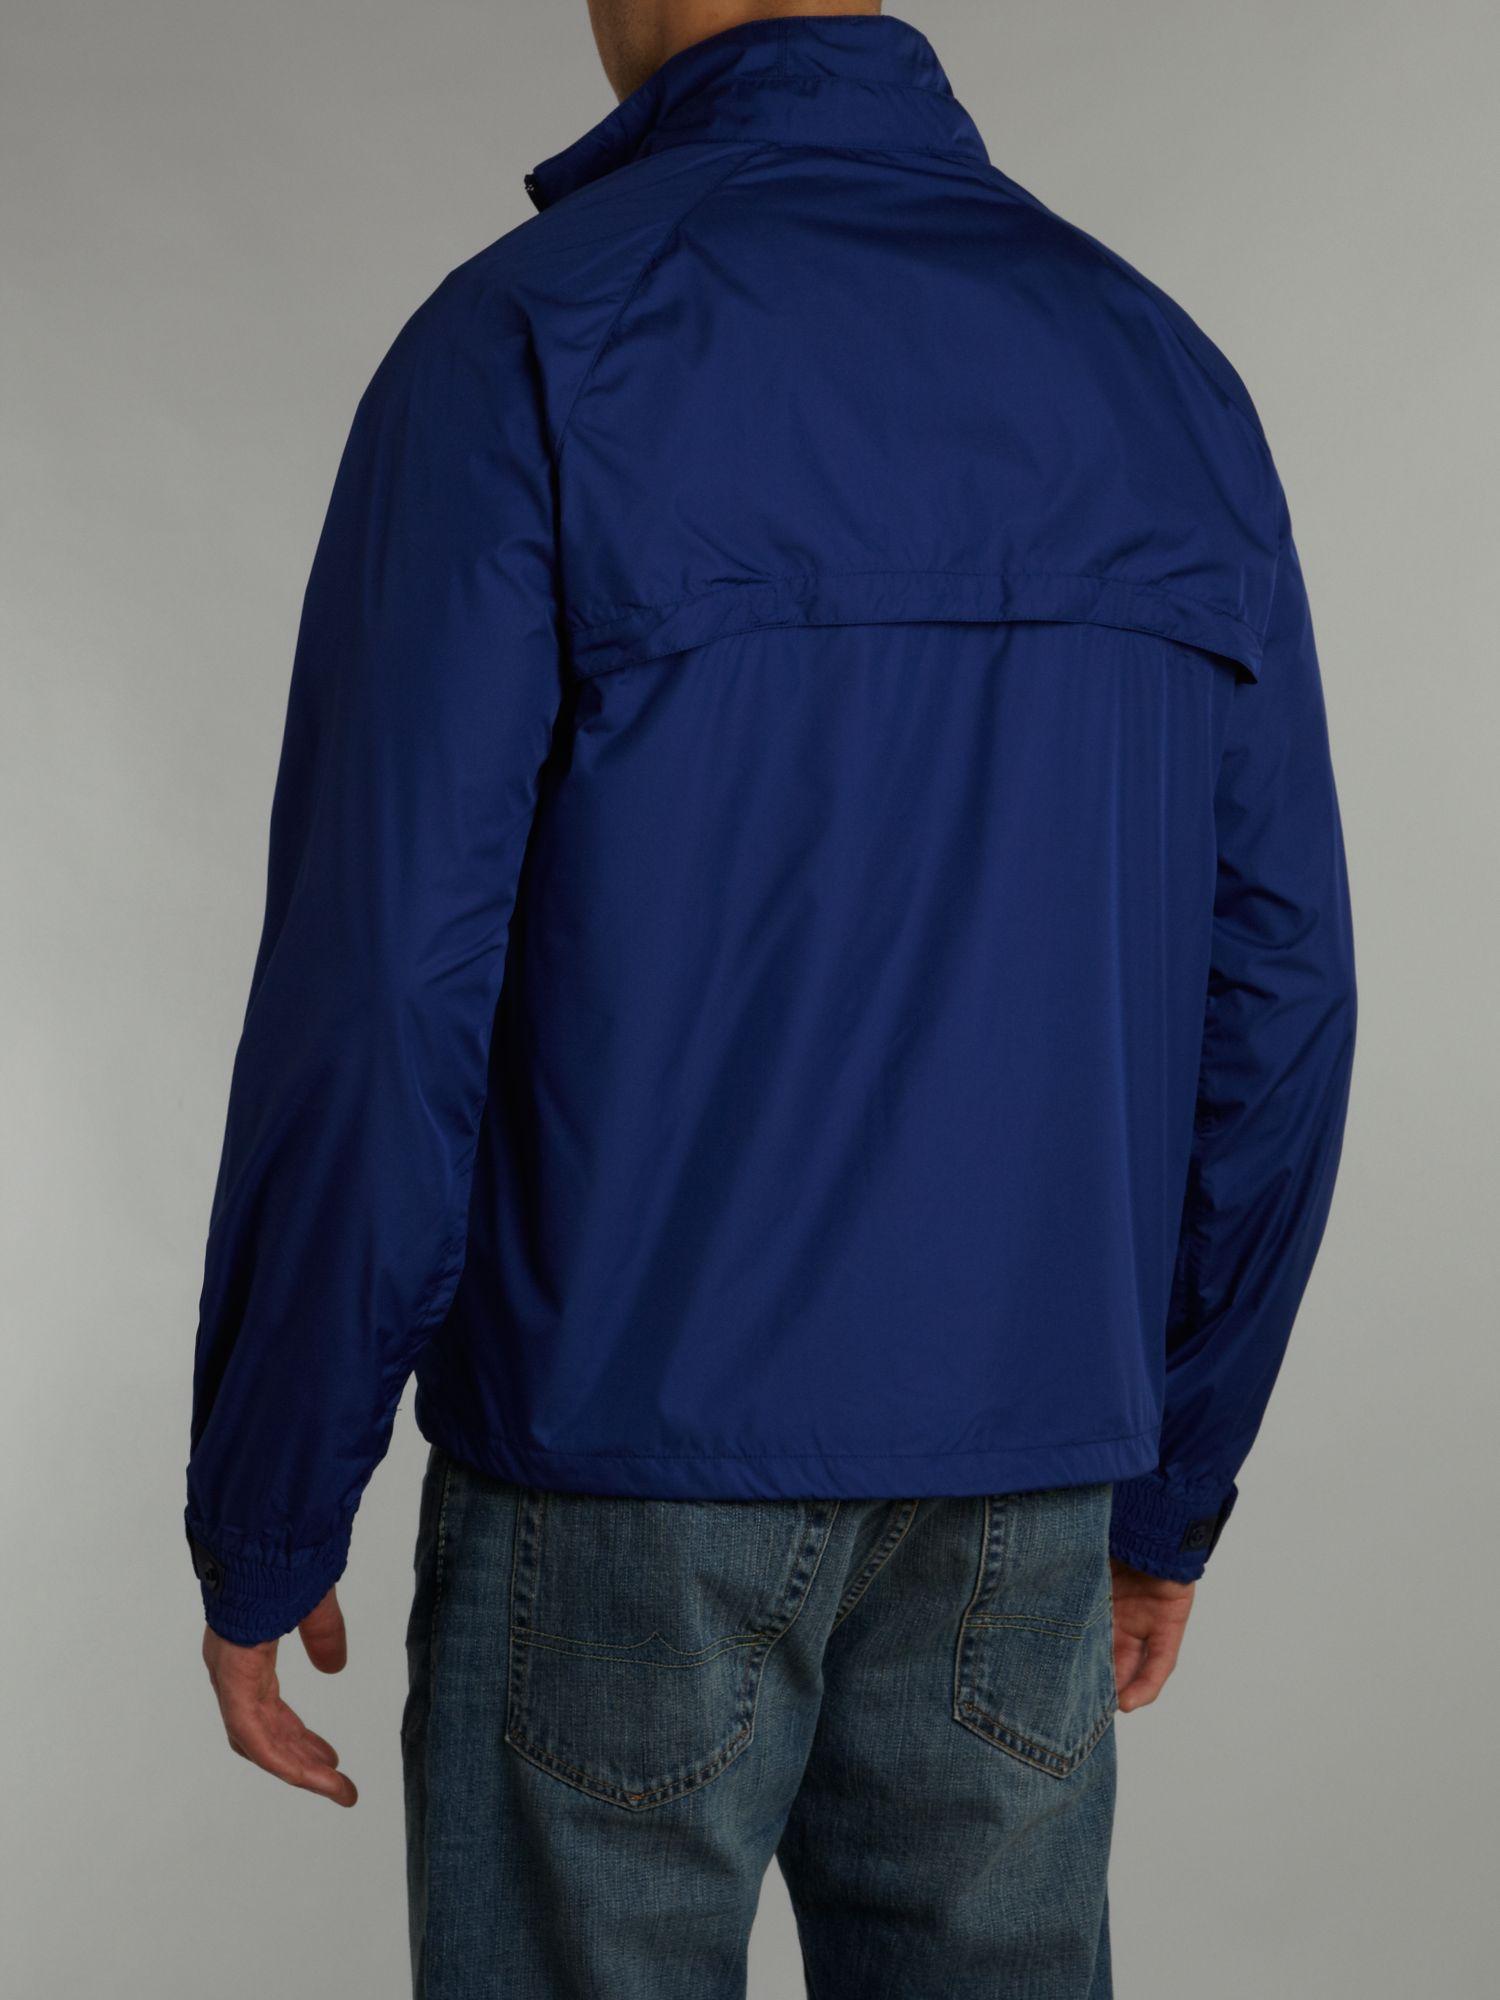 Ralph lauren golf Convertible Golf Windbreaker Jacket in Blue for ...